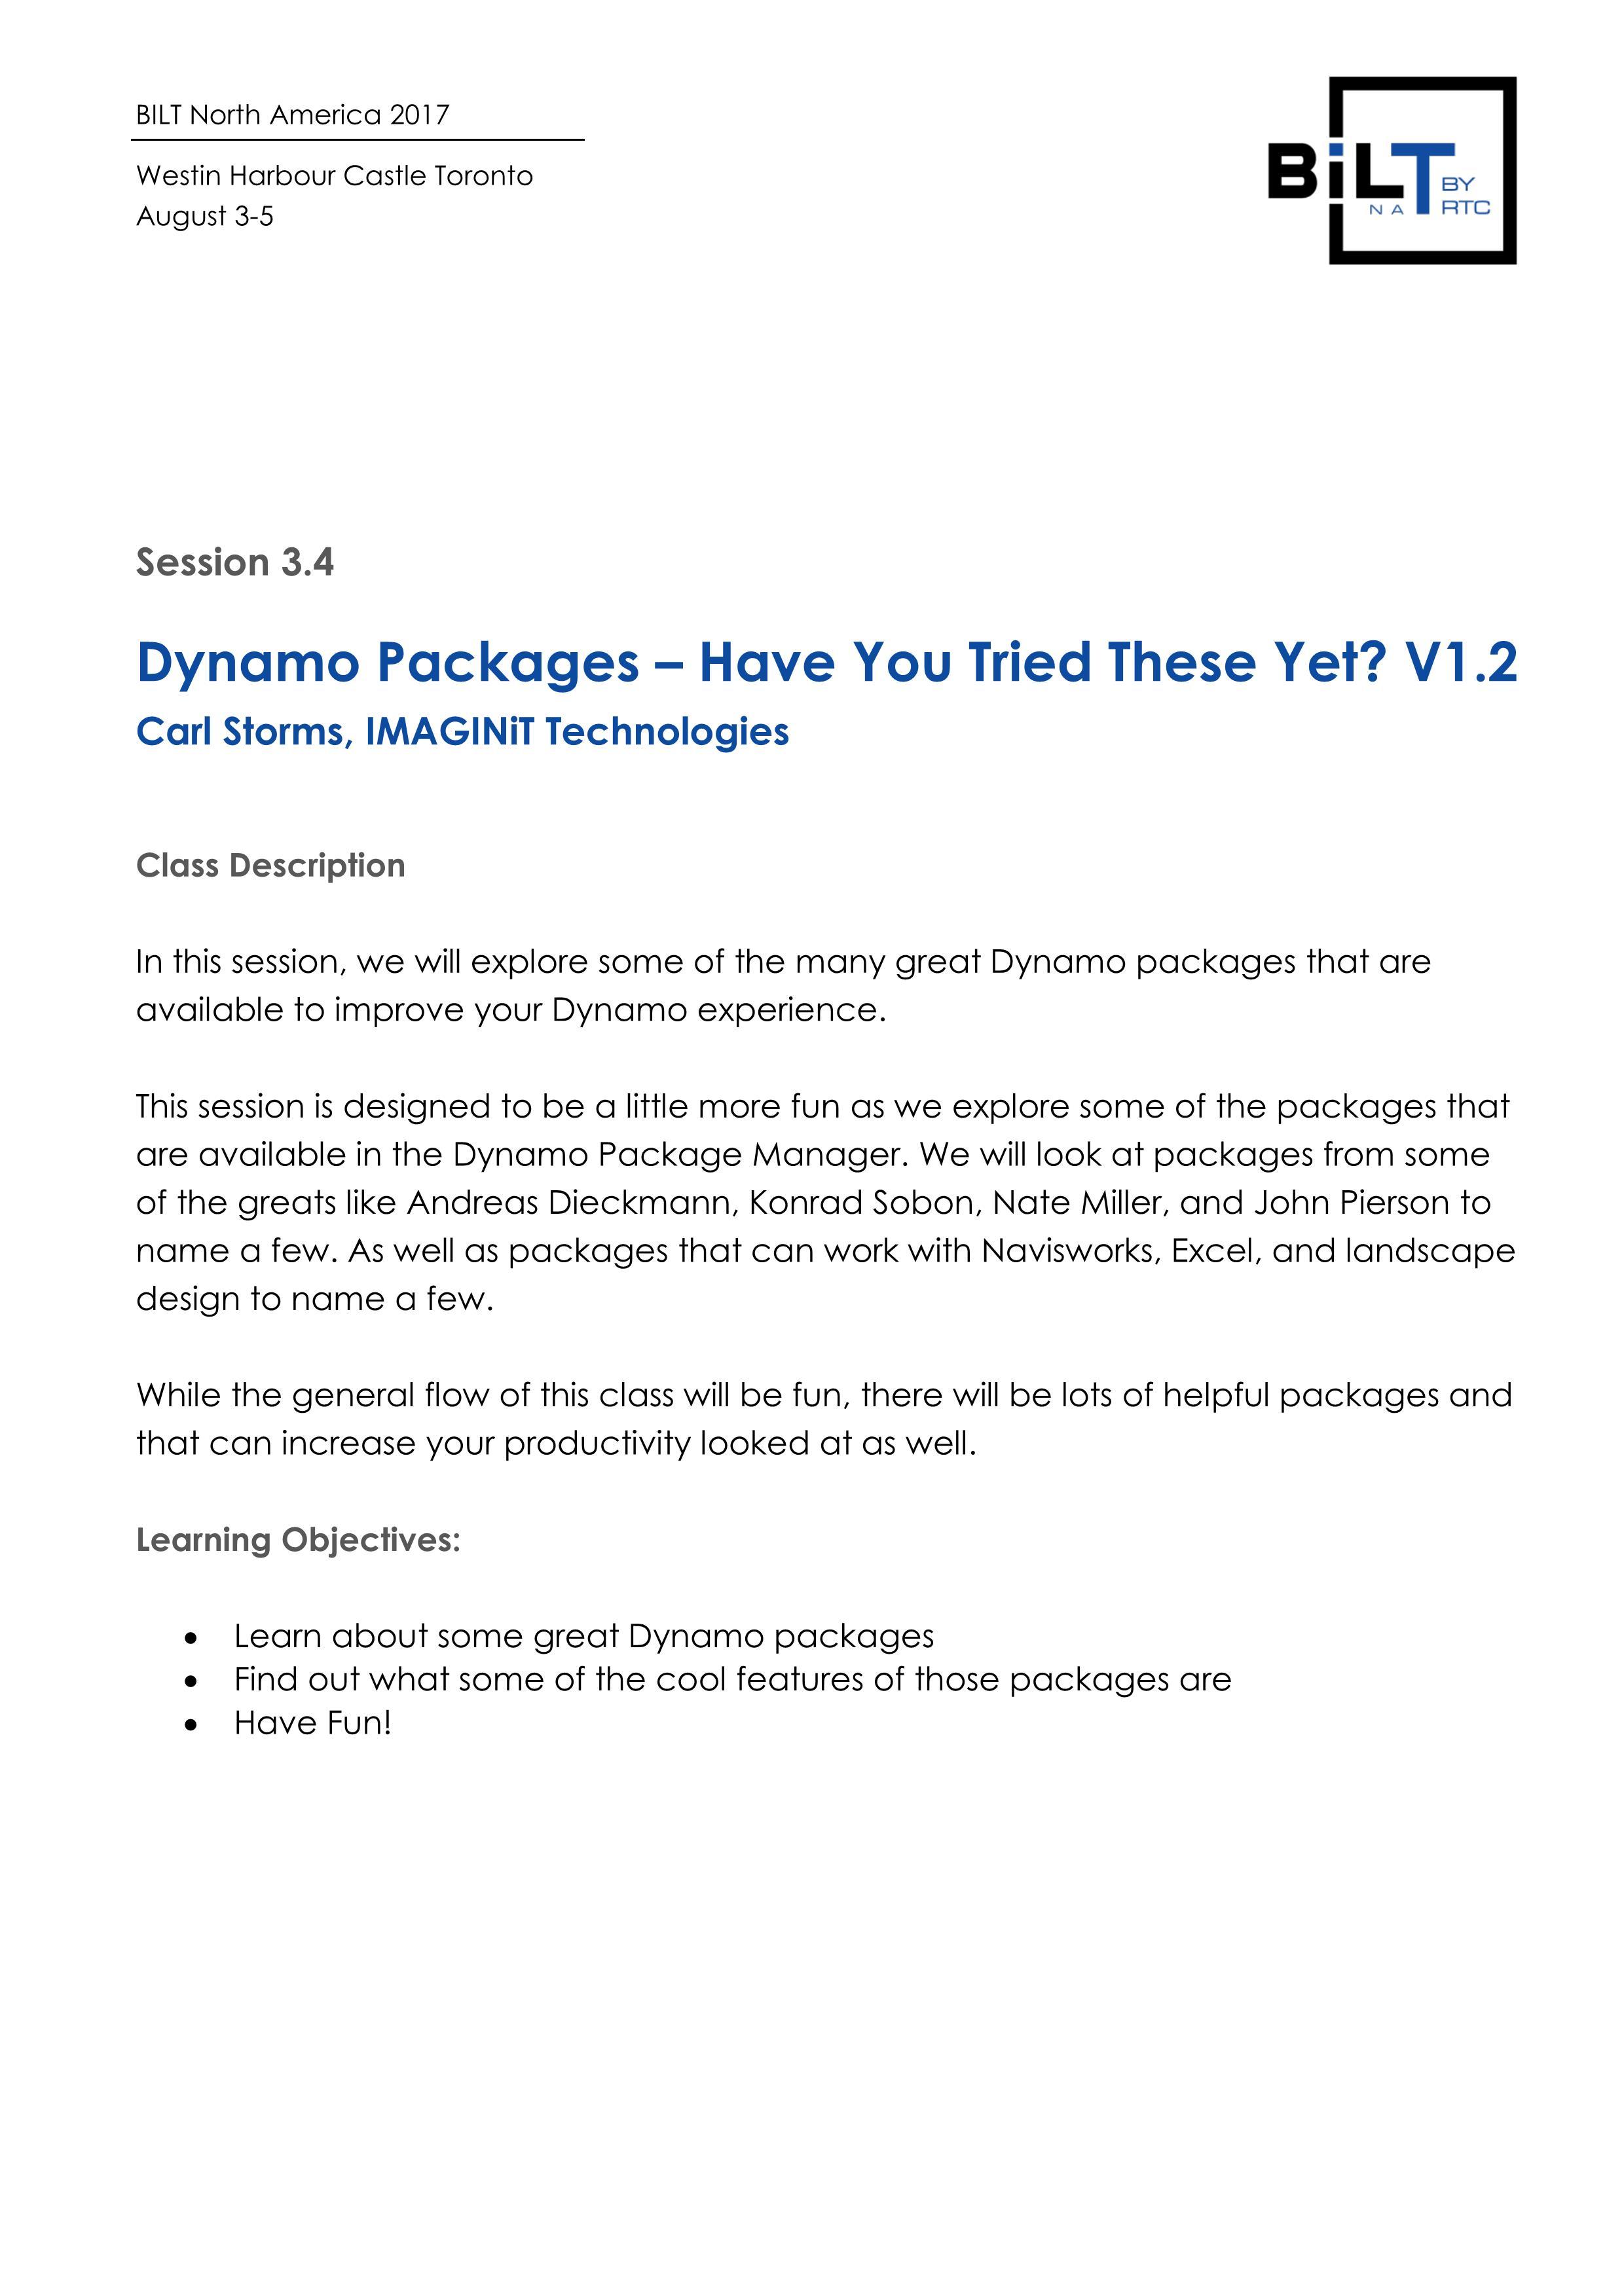 DynamoPackagesHaveYouTried Page 001.jpg